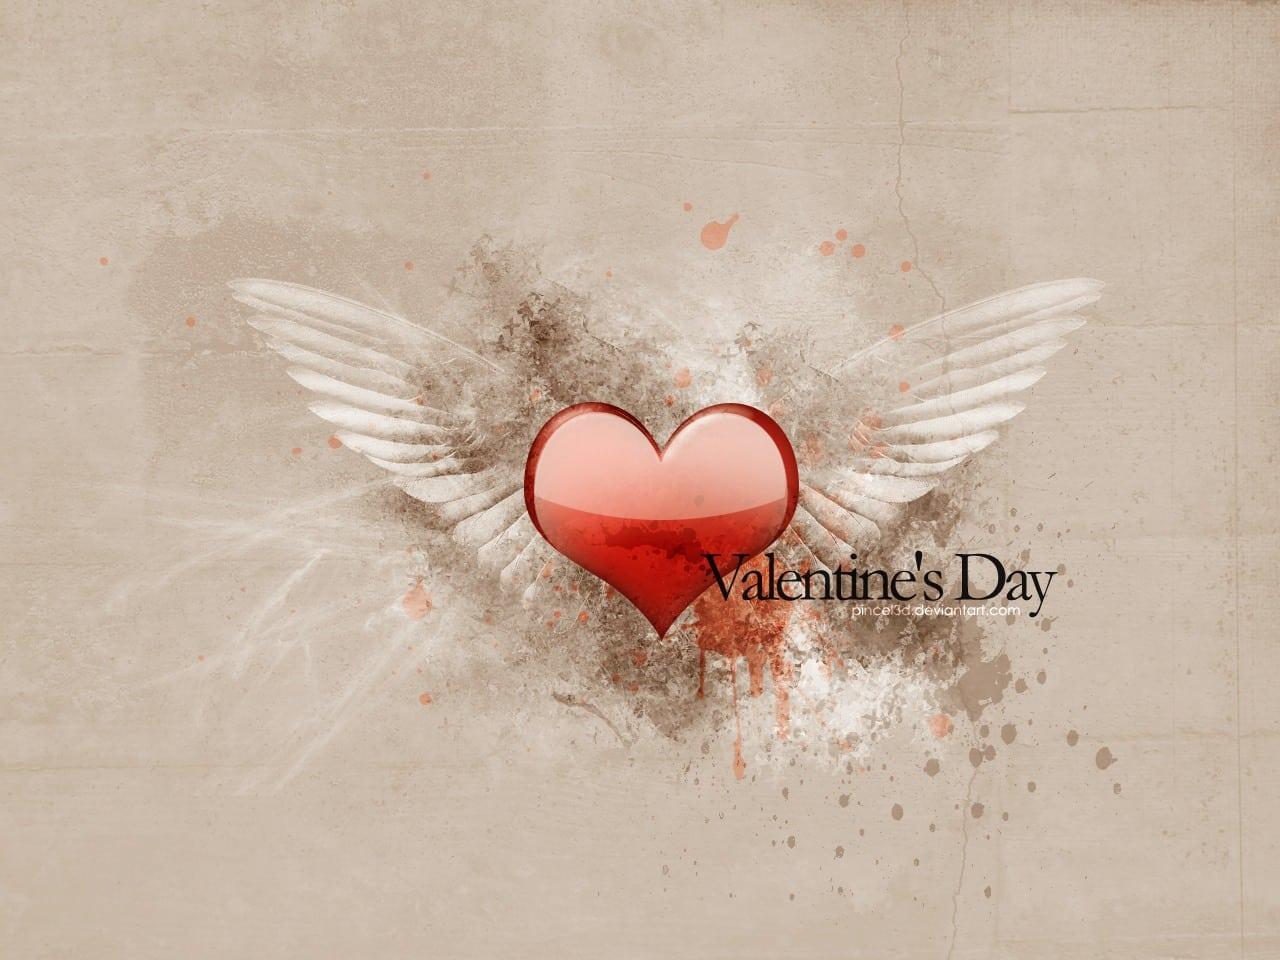 Valentine's Day Desktop